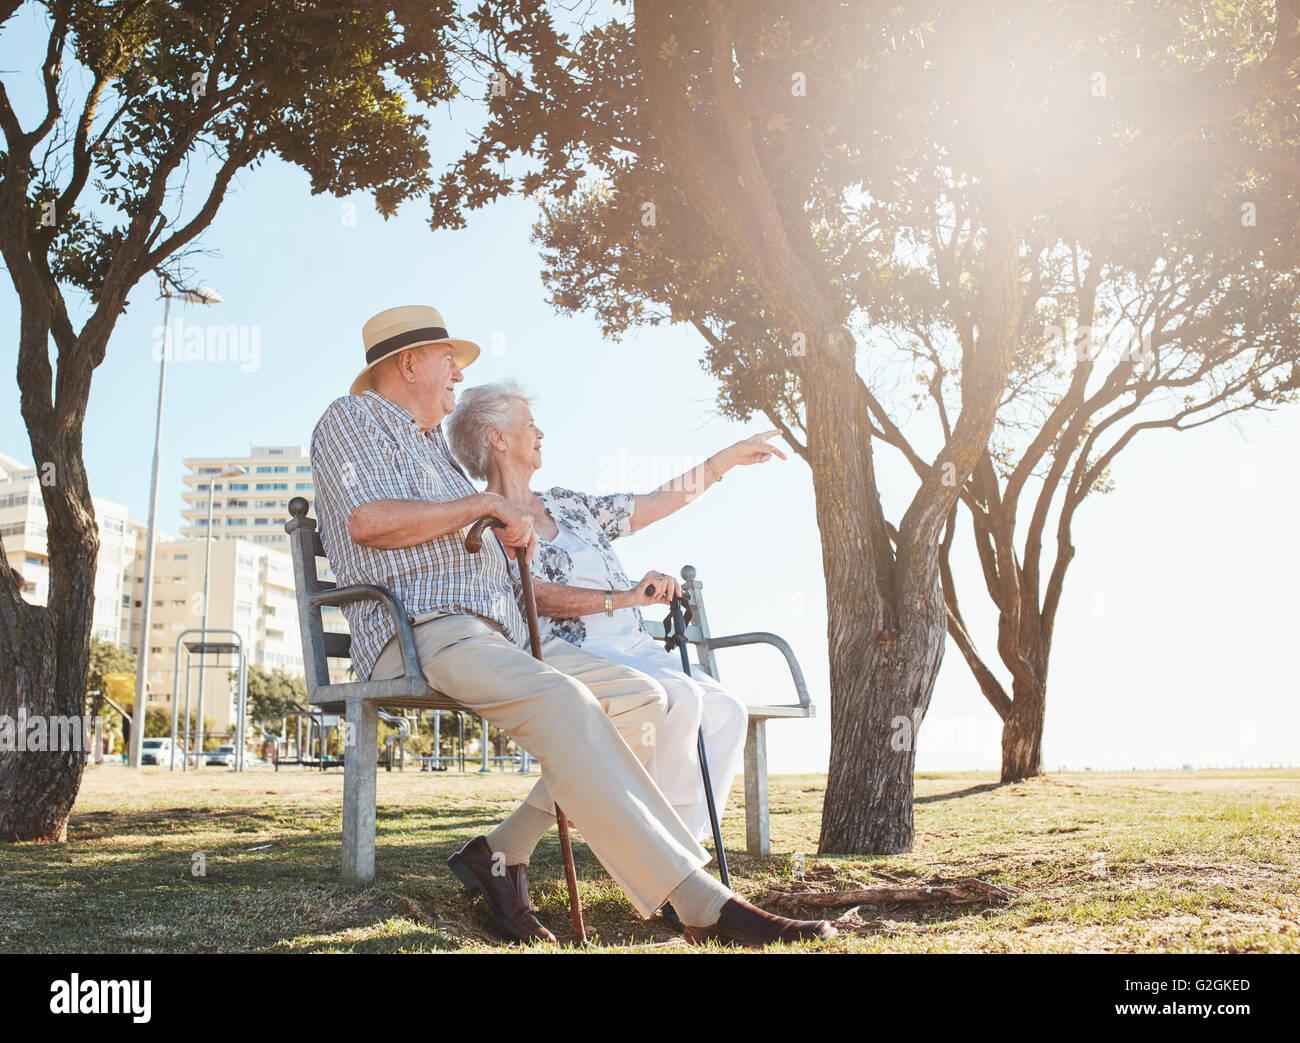 Im Freien Schuss ein älteres Paar sitzt auf einer Parkbank mit Frau, die etwas Interessantes zu ihrem Ehemann. Stockbild